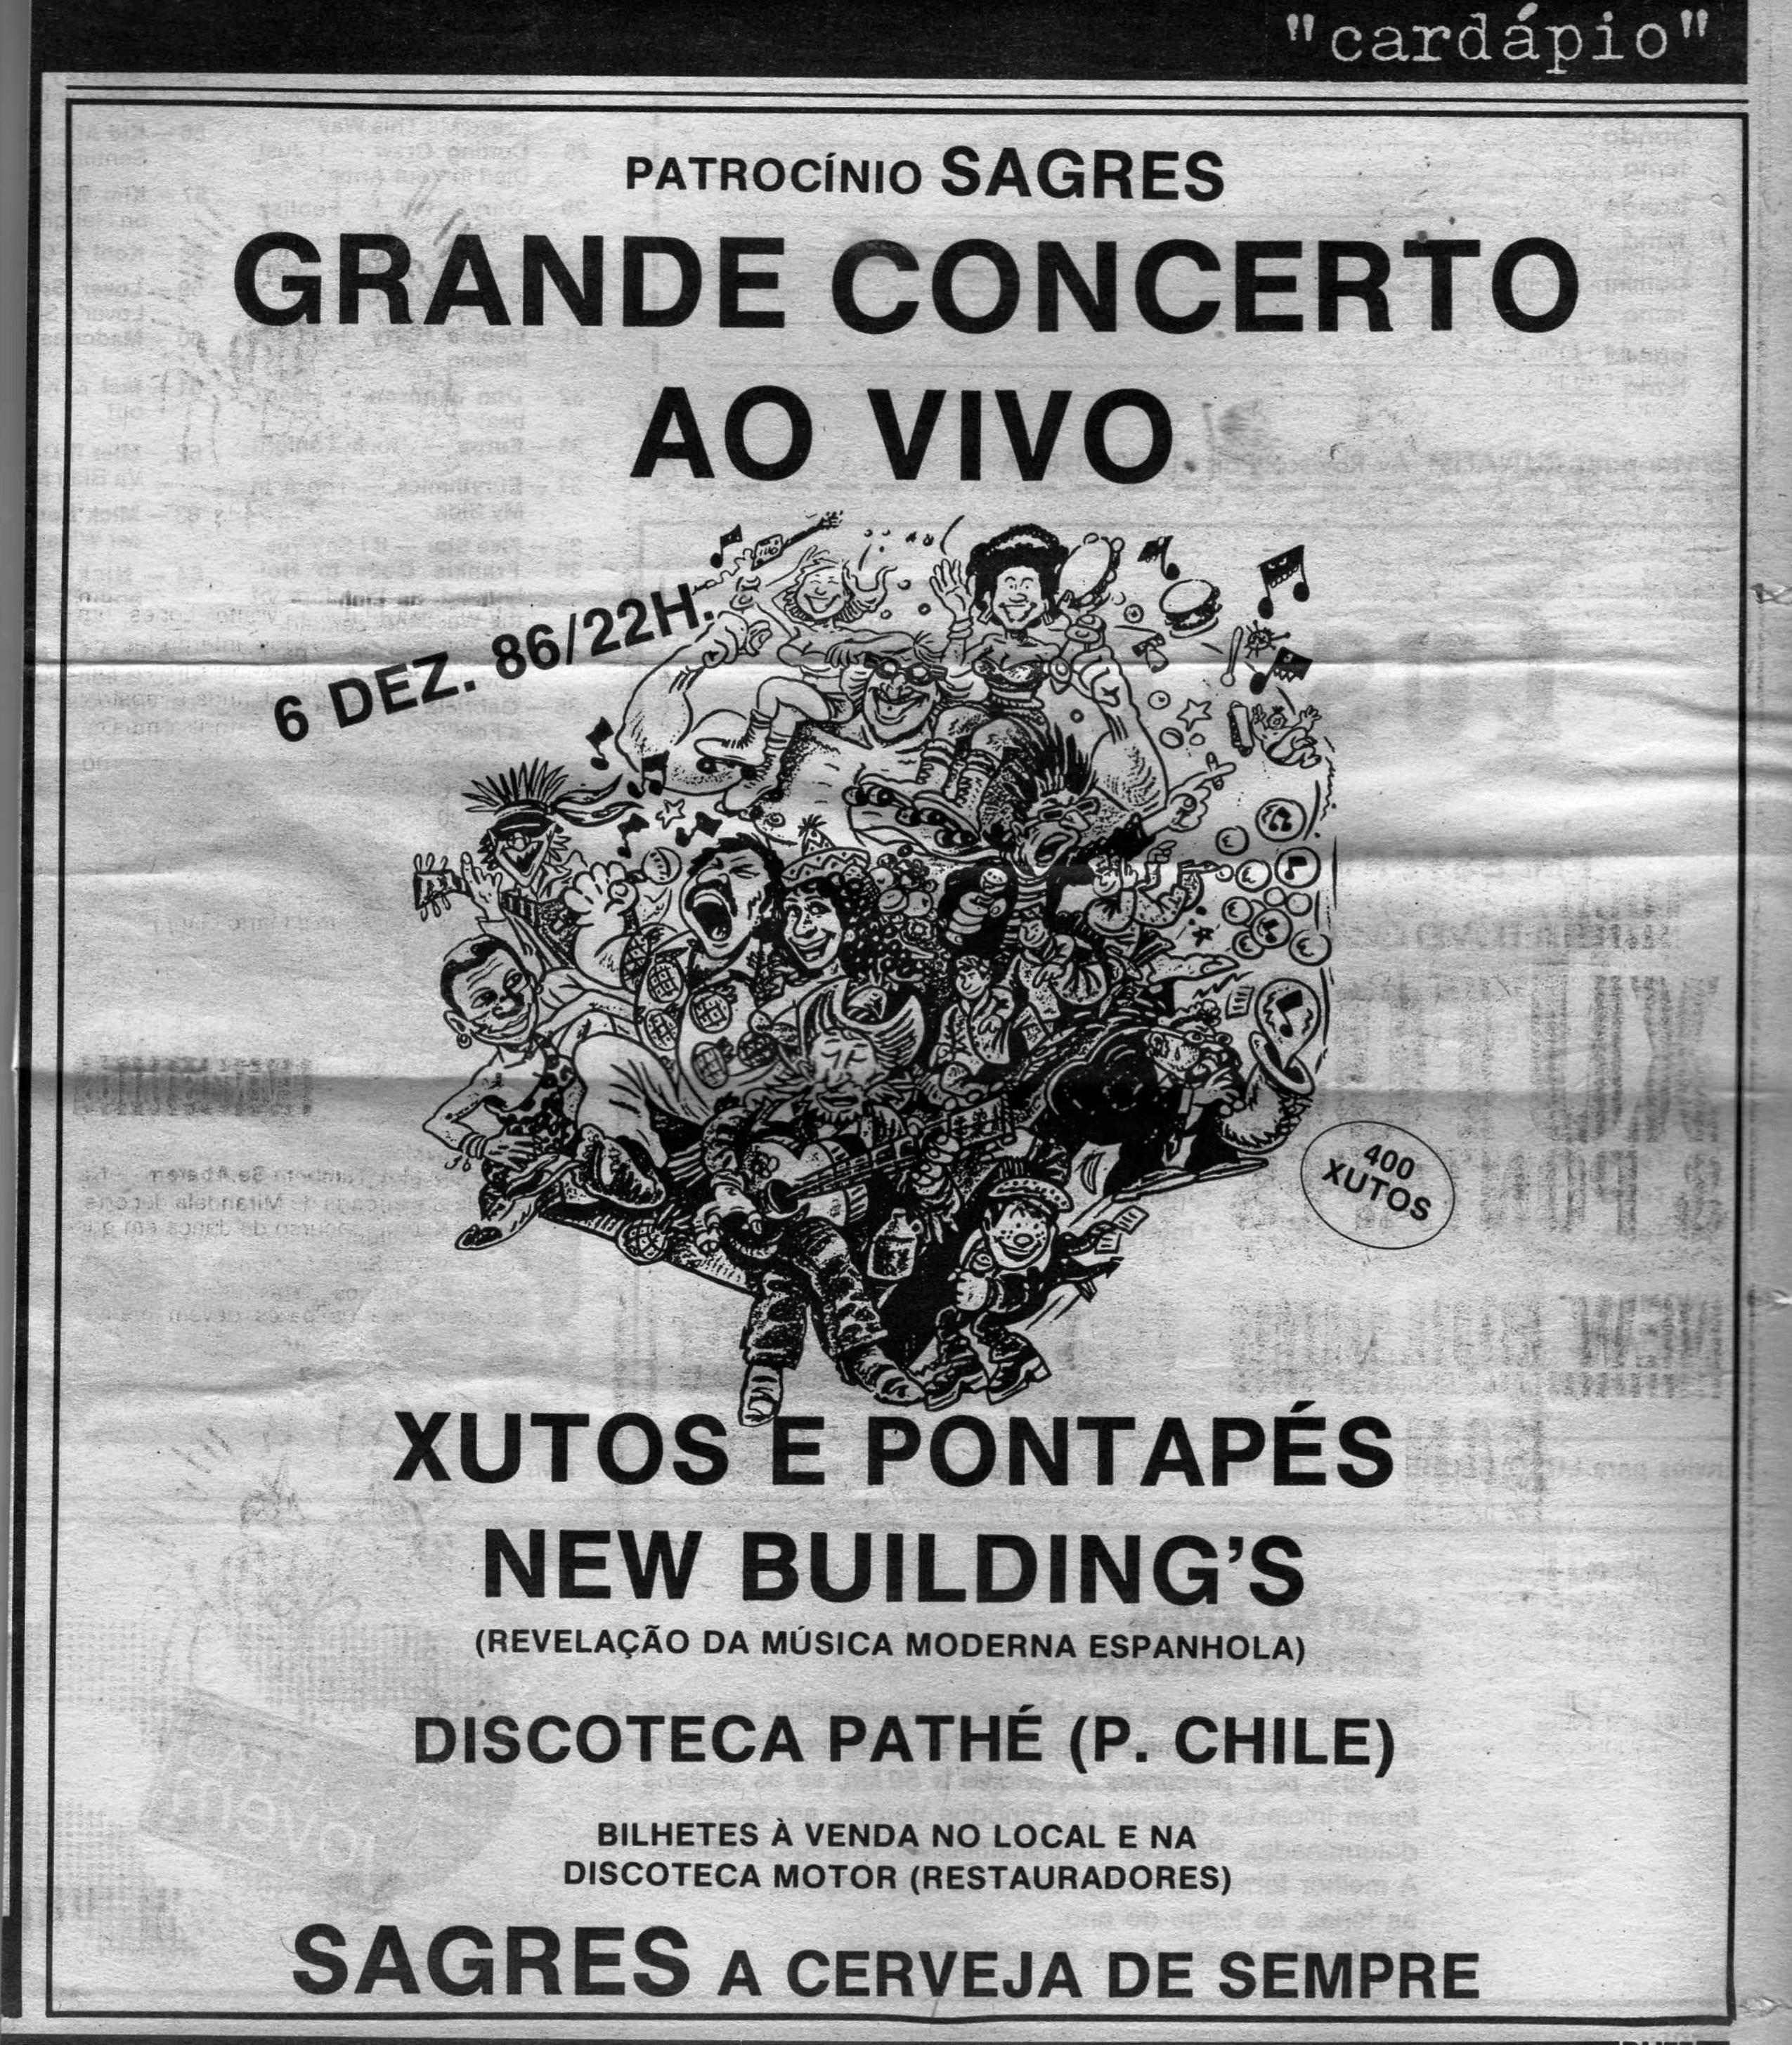 1986. 12.06 Blitz